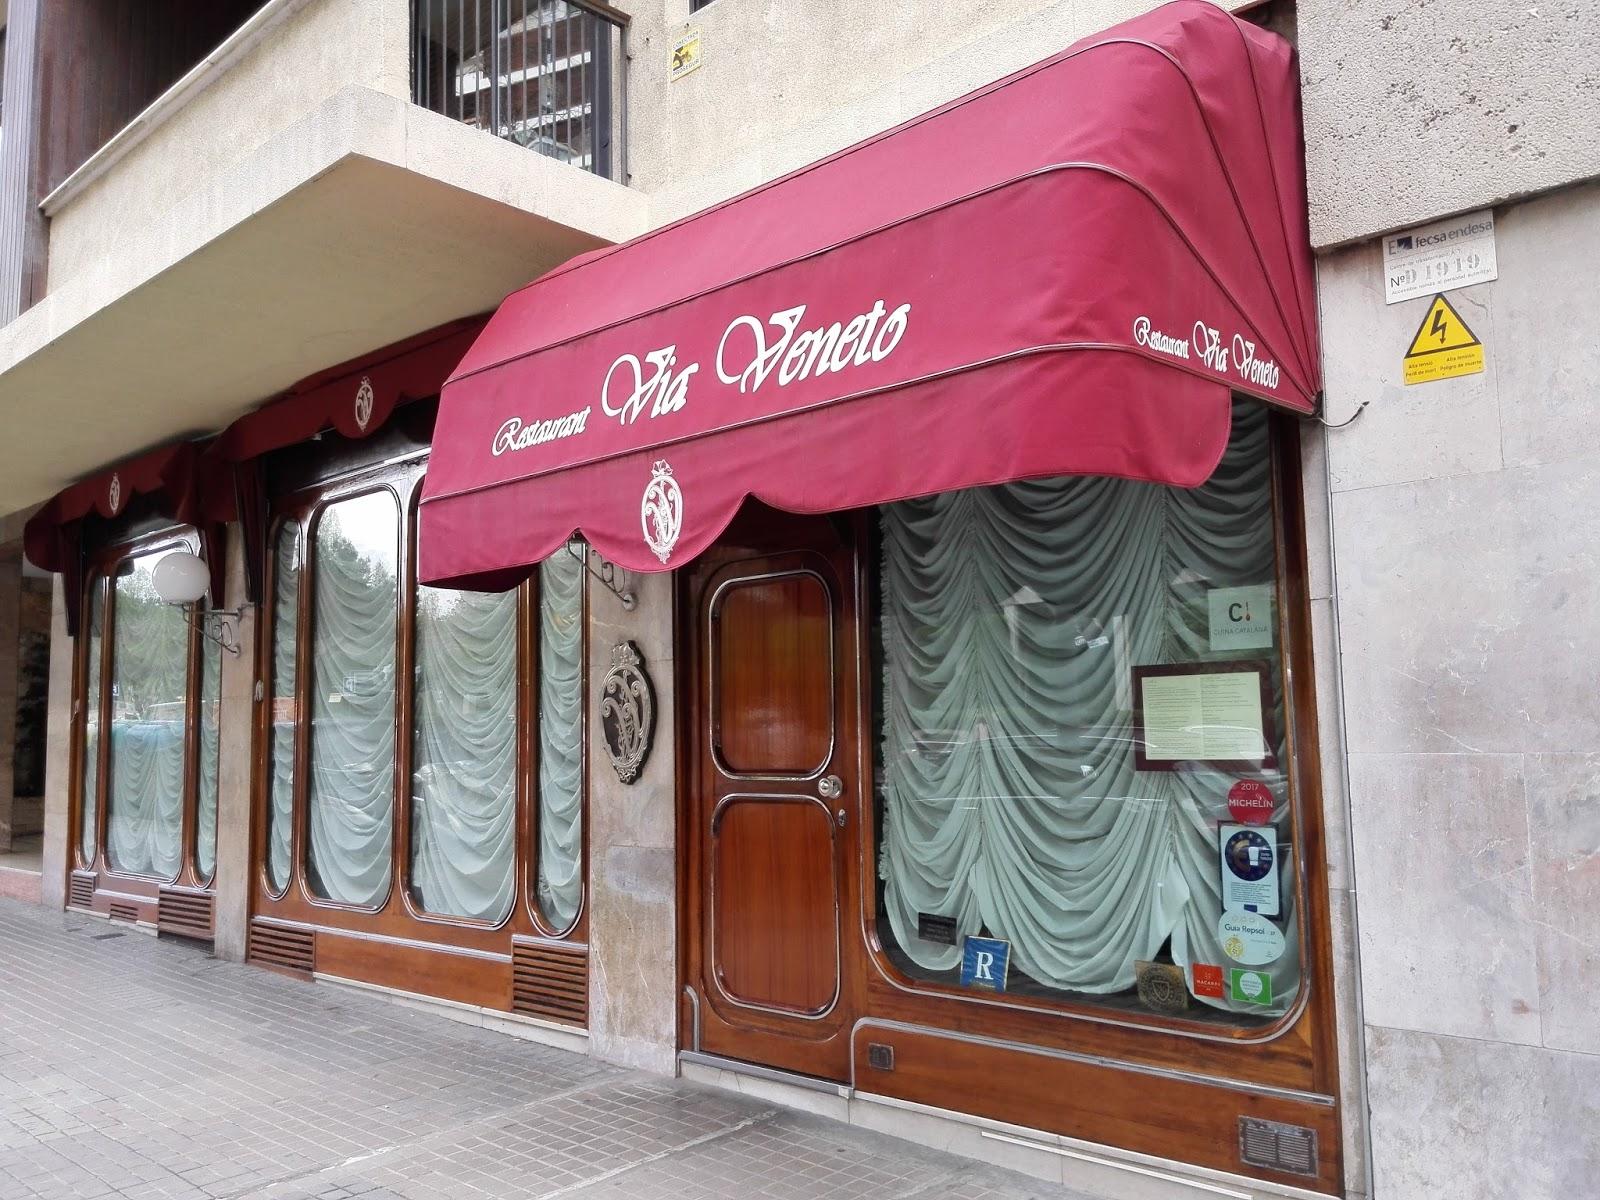 Restaurante via veneto barcelona la cocina de los for La cocina de los valientes